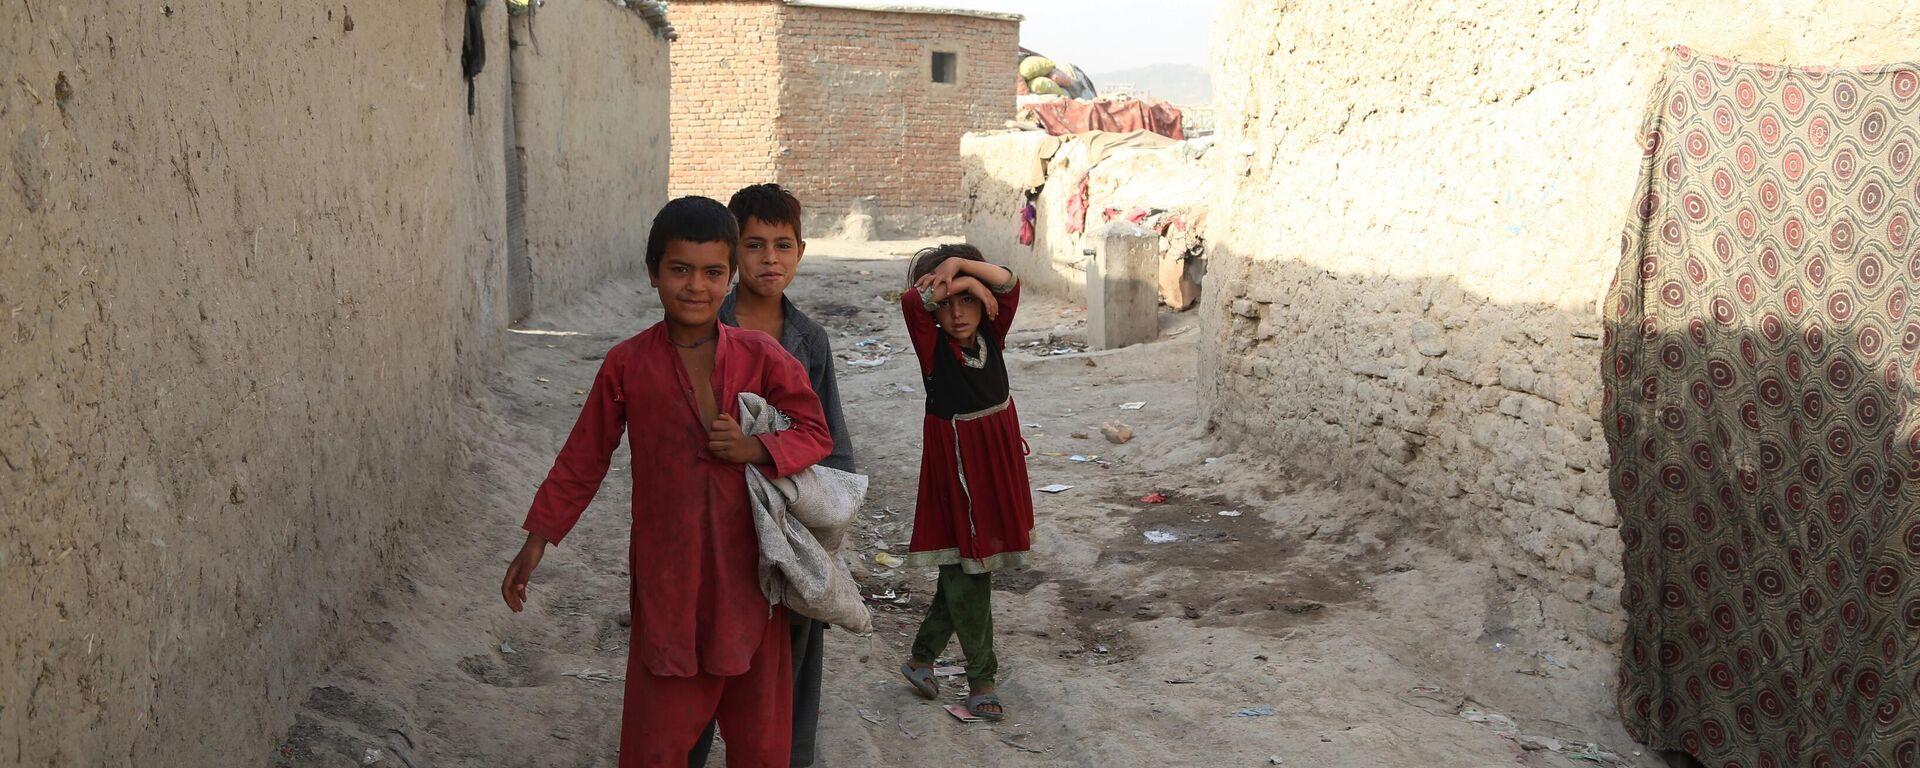 Беженцы из зоны боевых действий в Афганистане - Sputnik Таджикистан, 1920, 19.08.2021